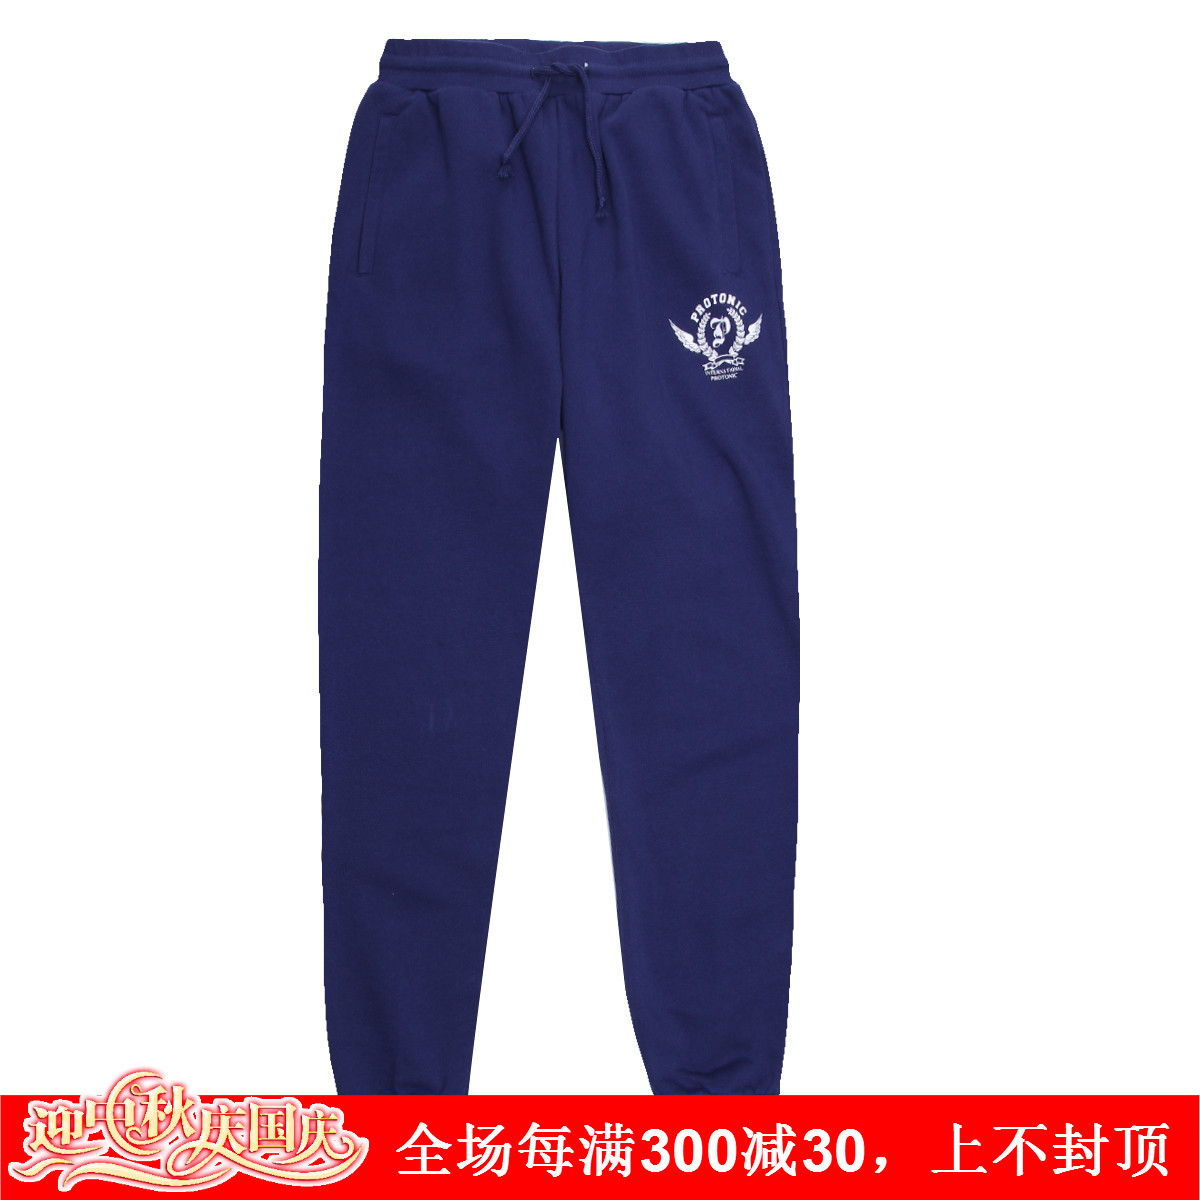 高腰卫裤加厚